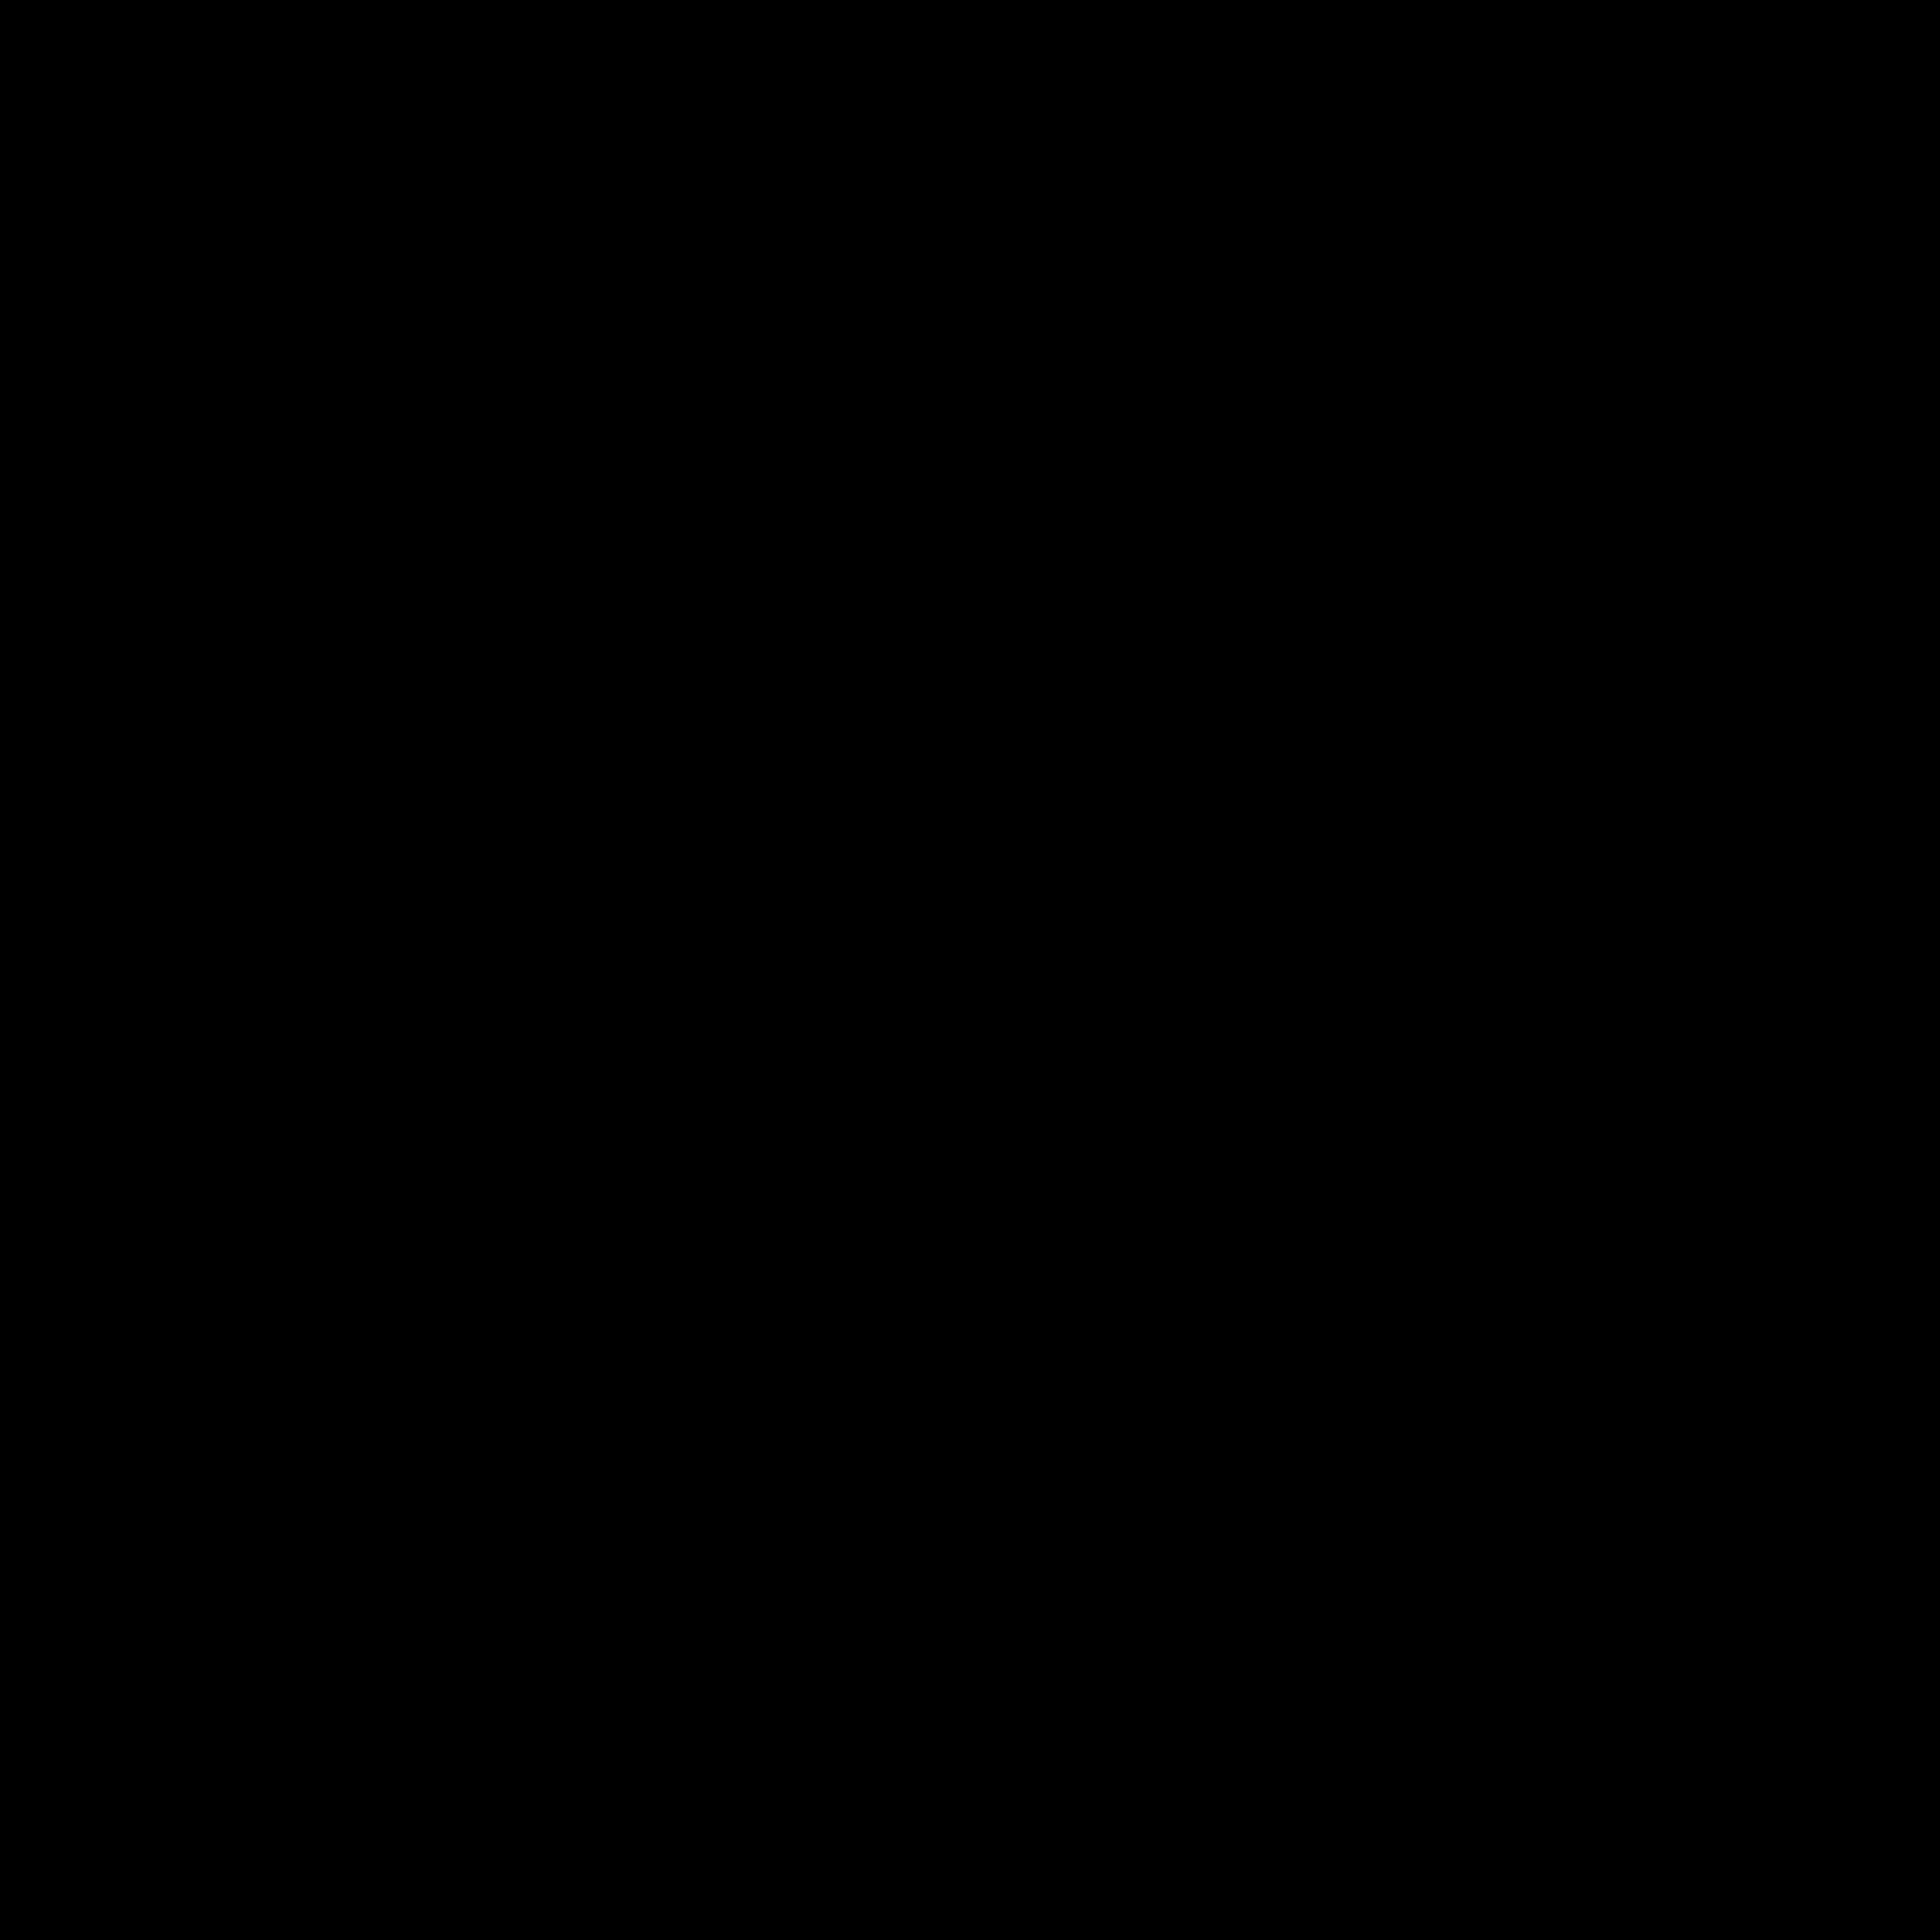 Dpd Parcel Shop Location - Wilson's Newsagent